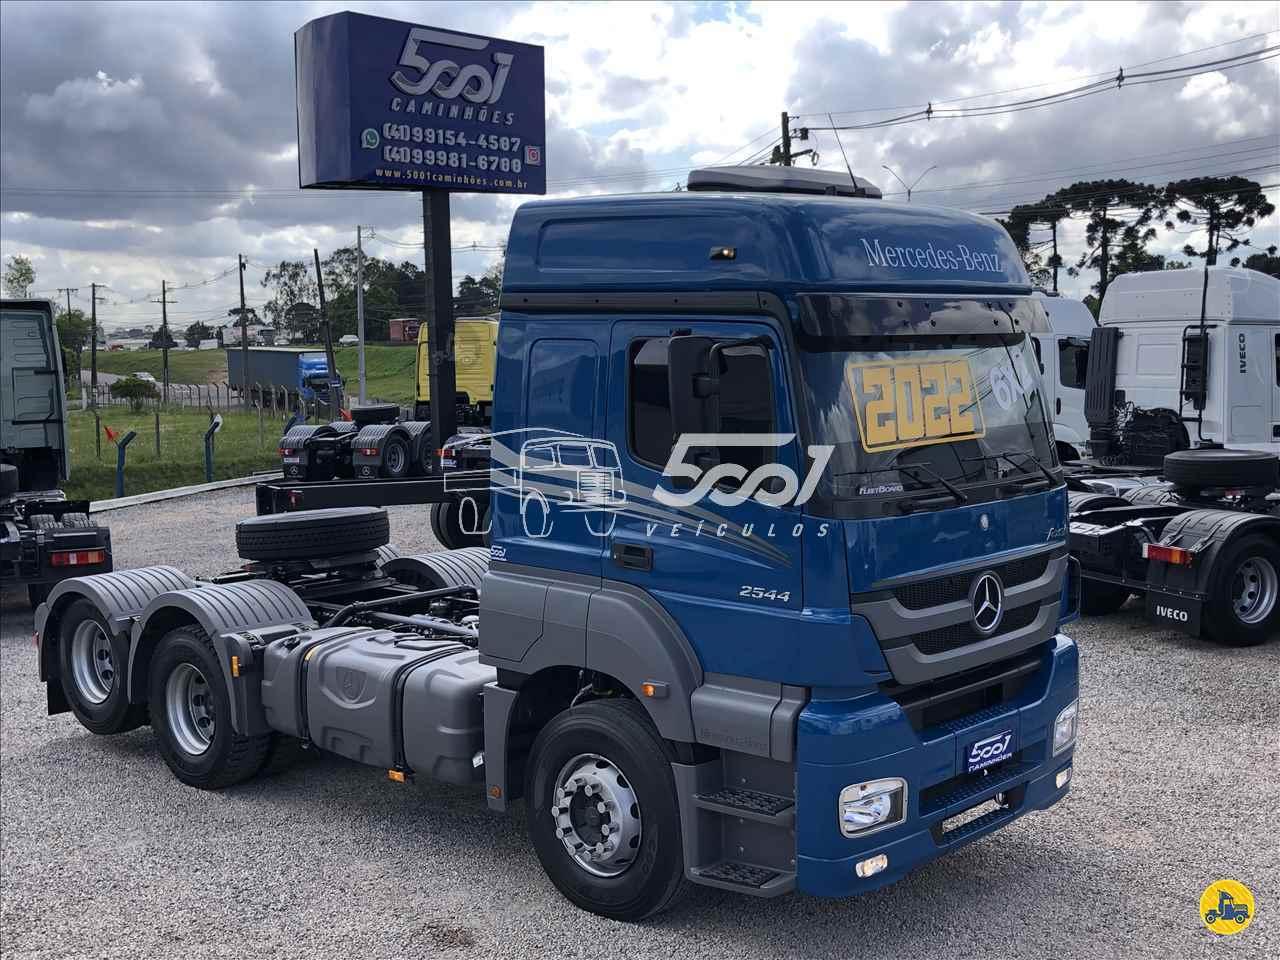 CAMINHAO MERCEDES-BENZ MB 2544 Cavalo Mecânico Truck 6x2 5001 Veículos - São José dos Pinhais SAO JOSE DOS PINHAIS PARANÁ PR